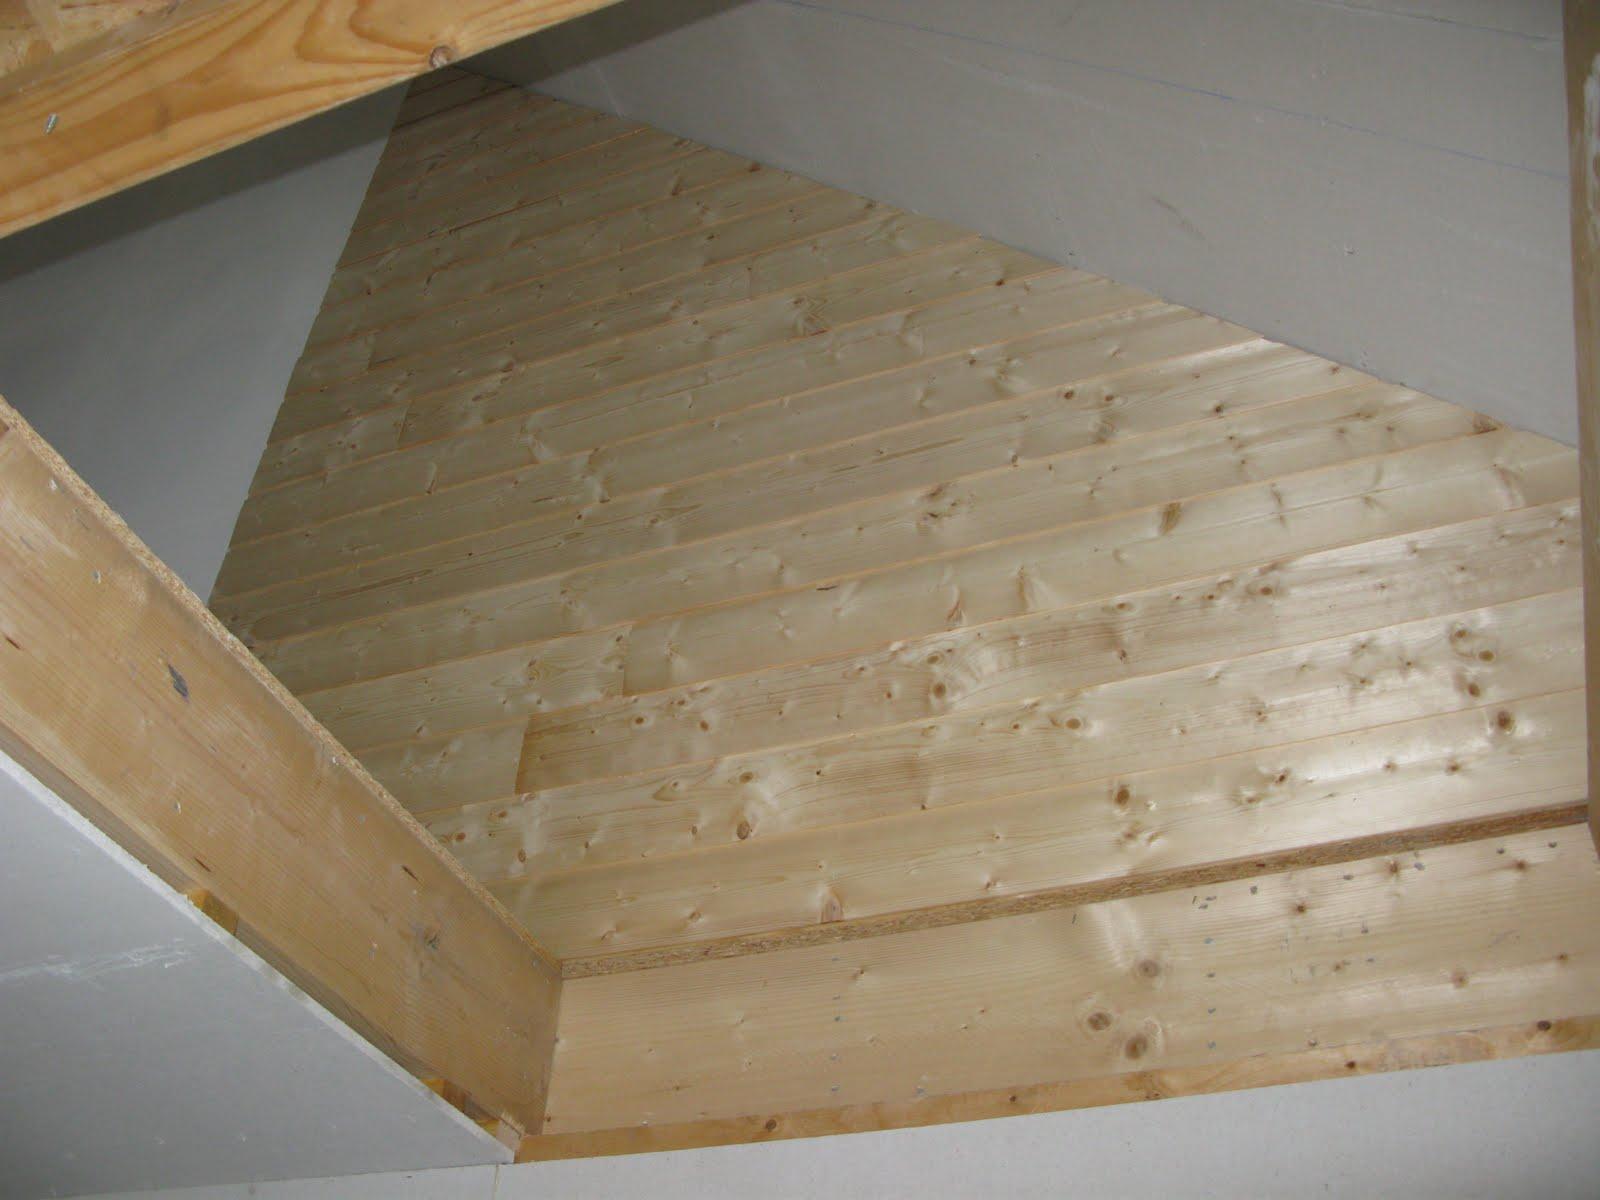 Notre maison passive en bois: novembre 2010